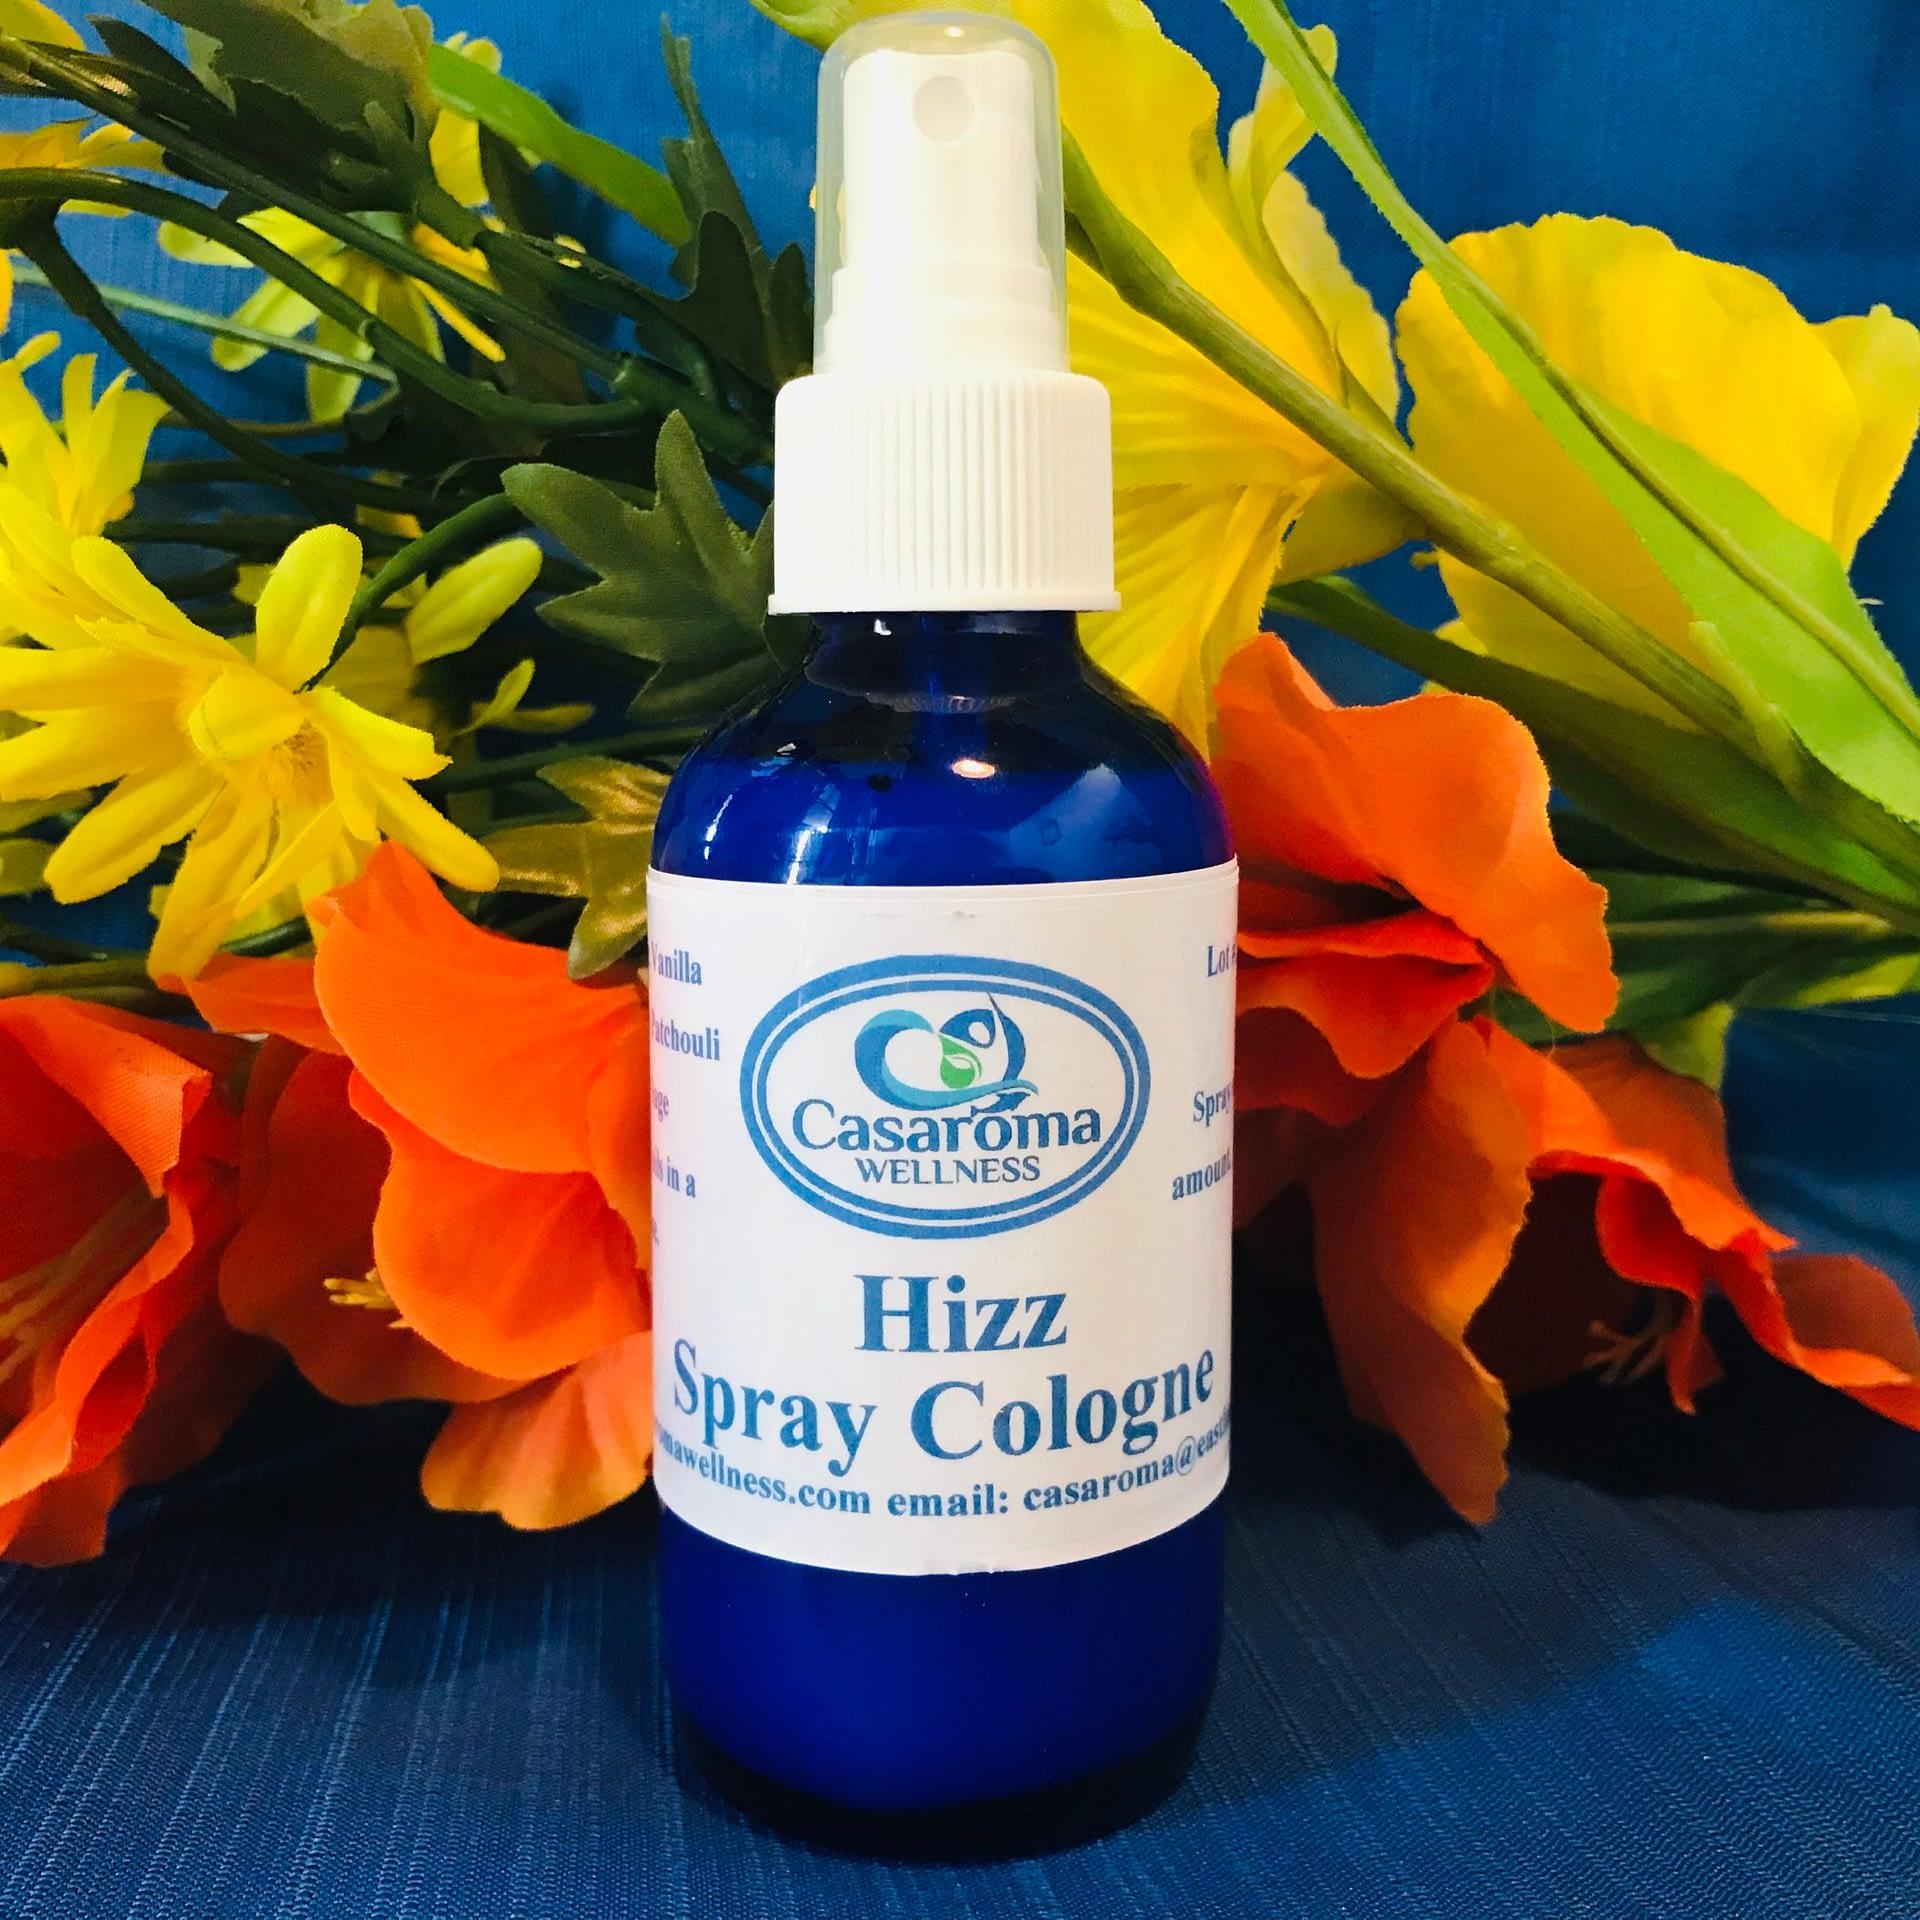 Hizz Spray Cologne